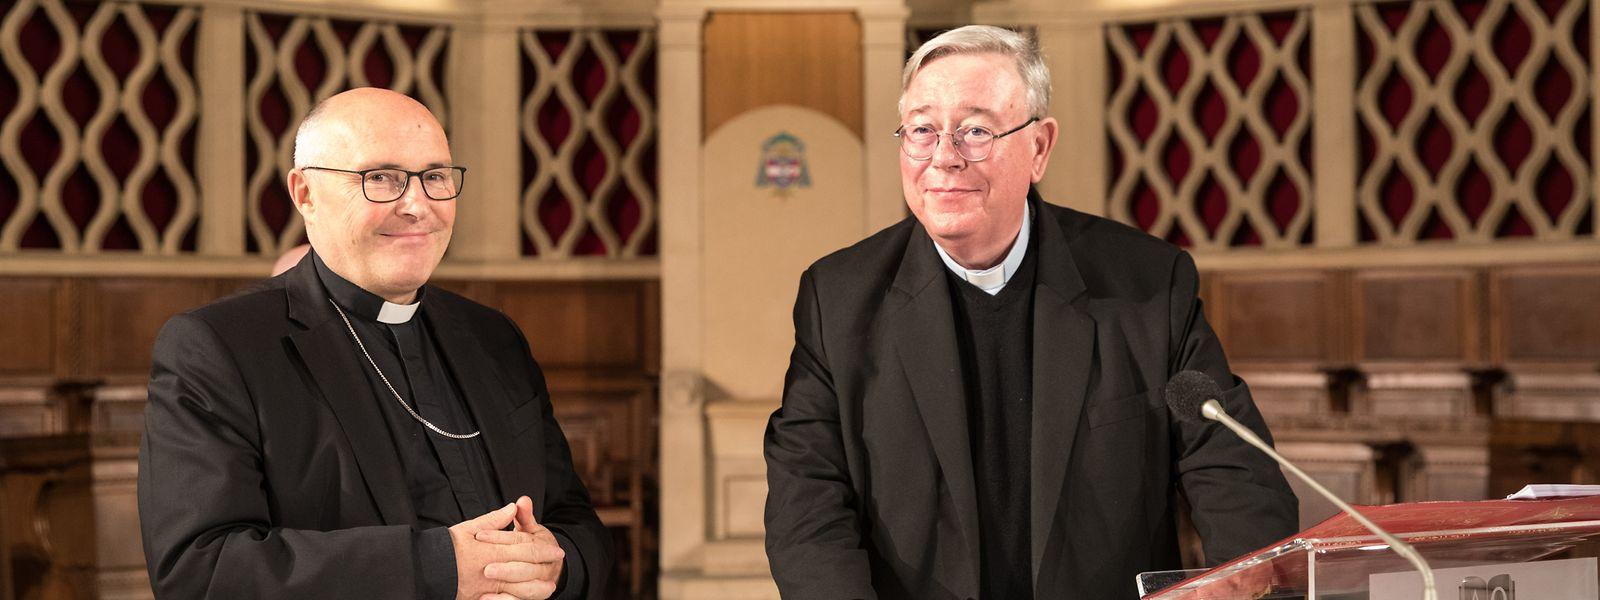 Der ernannte Weihbischof Leo Wagener (l.) und Erzbischof Jean-Claude Hollerich während der Generalprobe zur Bischofsweihe.